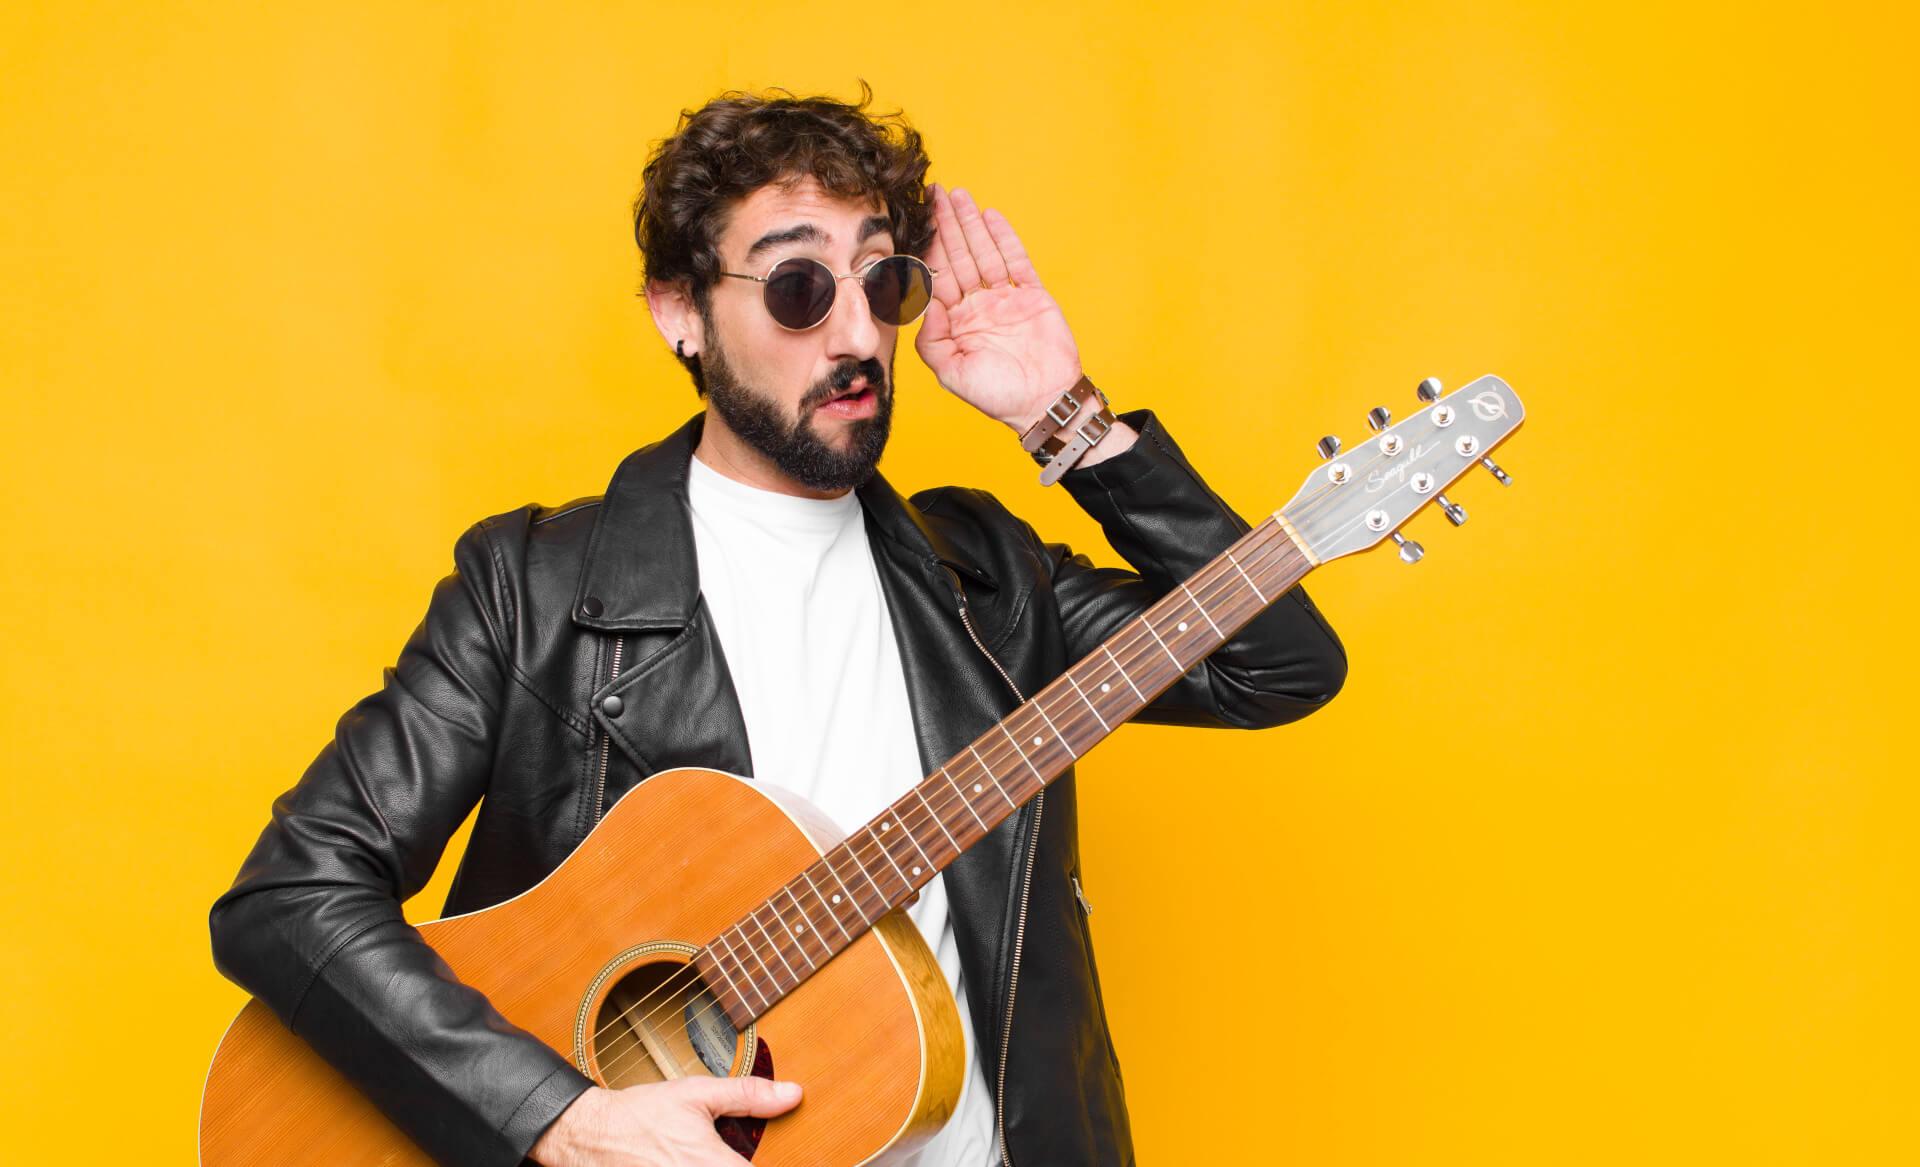 gitarre-spielen-nach-gehoer